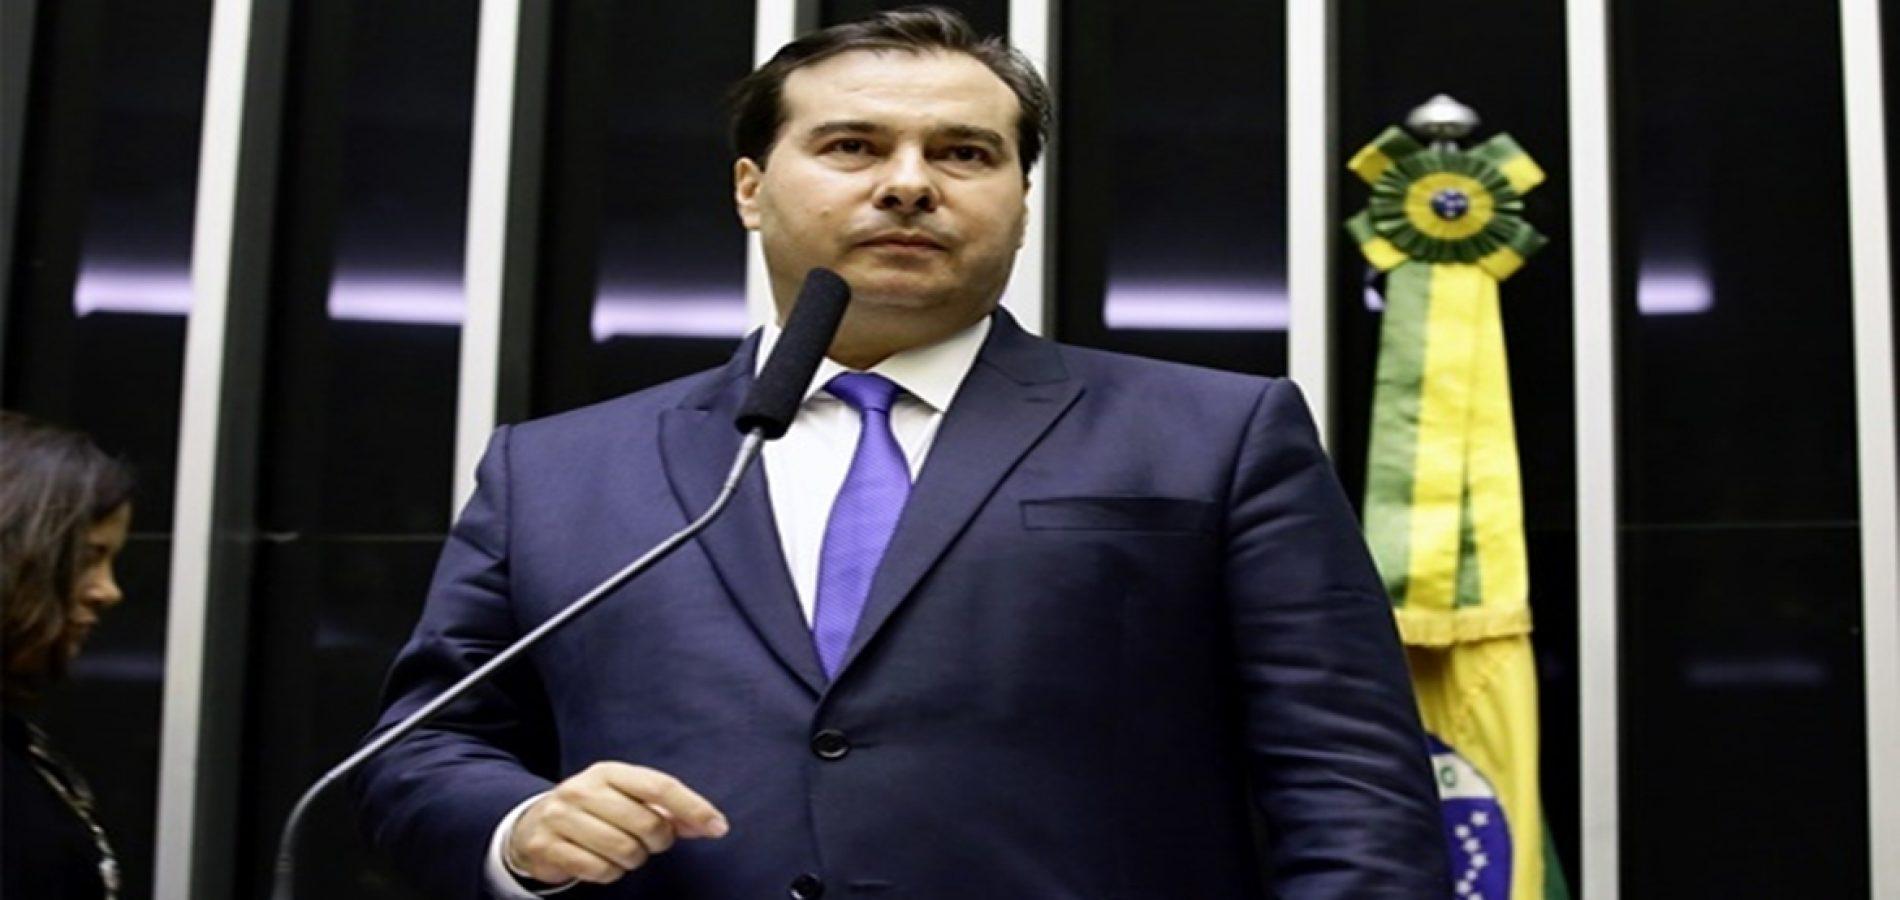 Com 334 votos, Rodrigo Maia é eleito presidente da Câmara dos Deputados